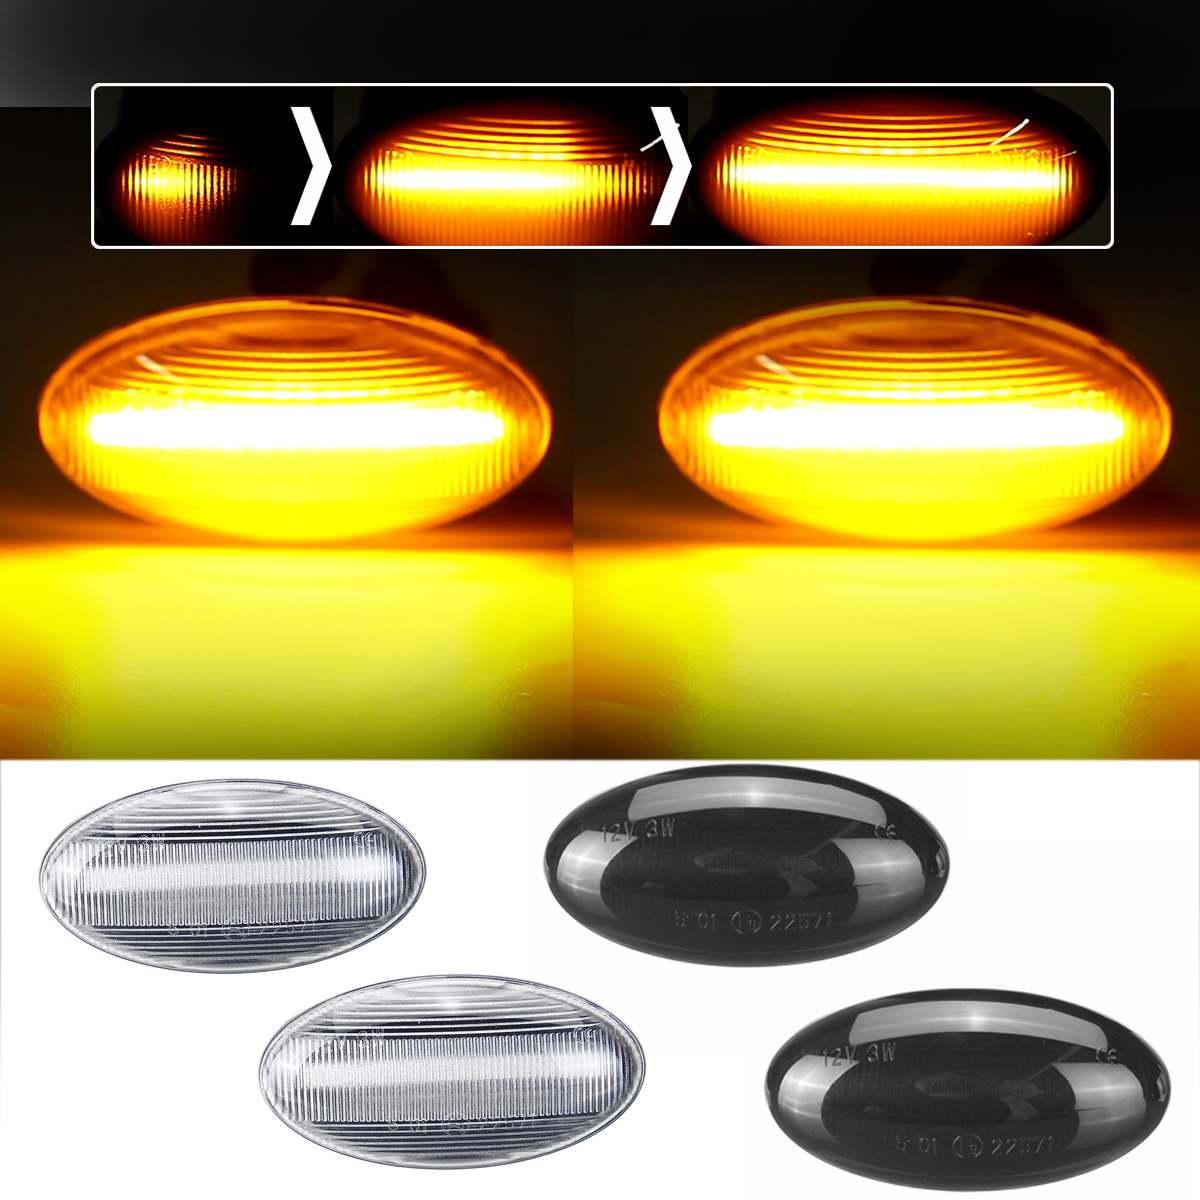 Par LED fluye indicador lateral Luz de repetición para Peugeot 307, 206, 207, 407, 107 para Citroen C1 C2 C3 Xsara de señal de vuelta de las luces de la lámpara